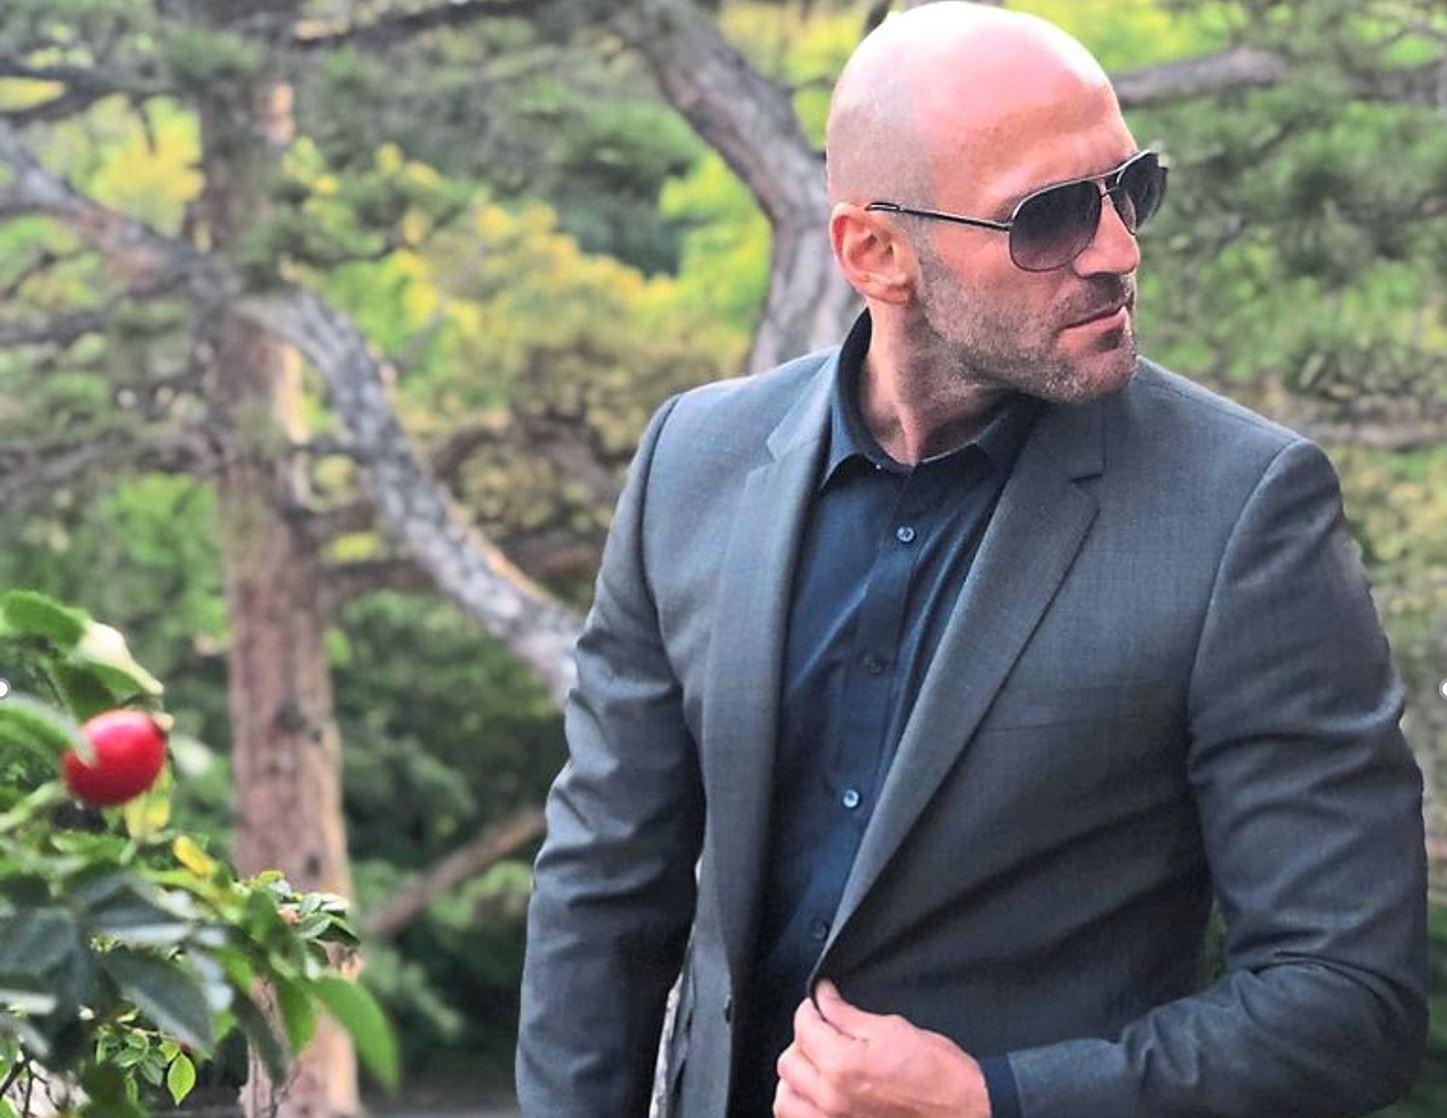 Ky është Besnik Tafallari   Jason Statham i shqiptar